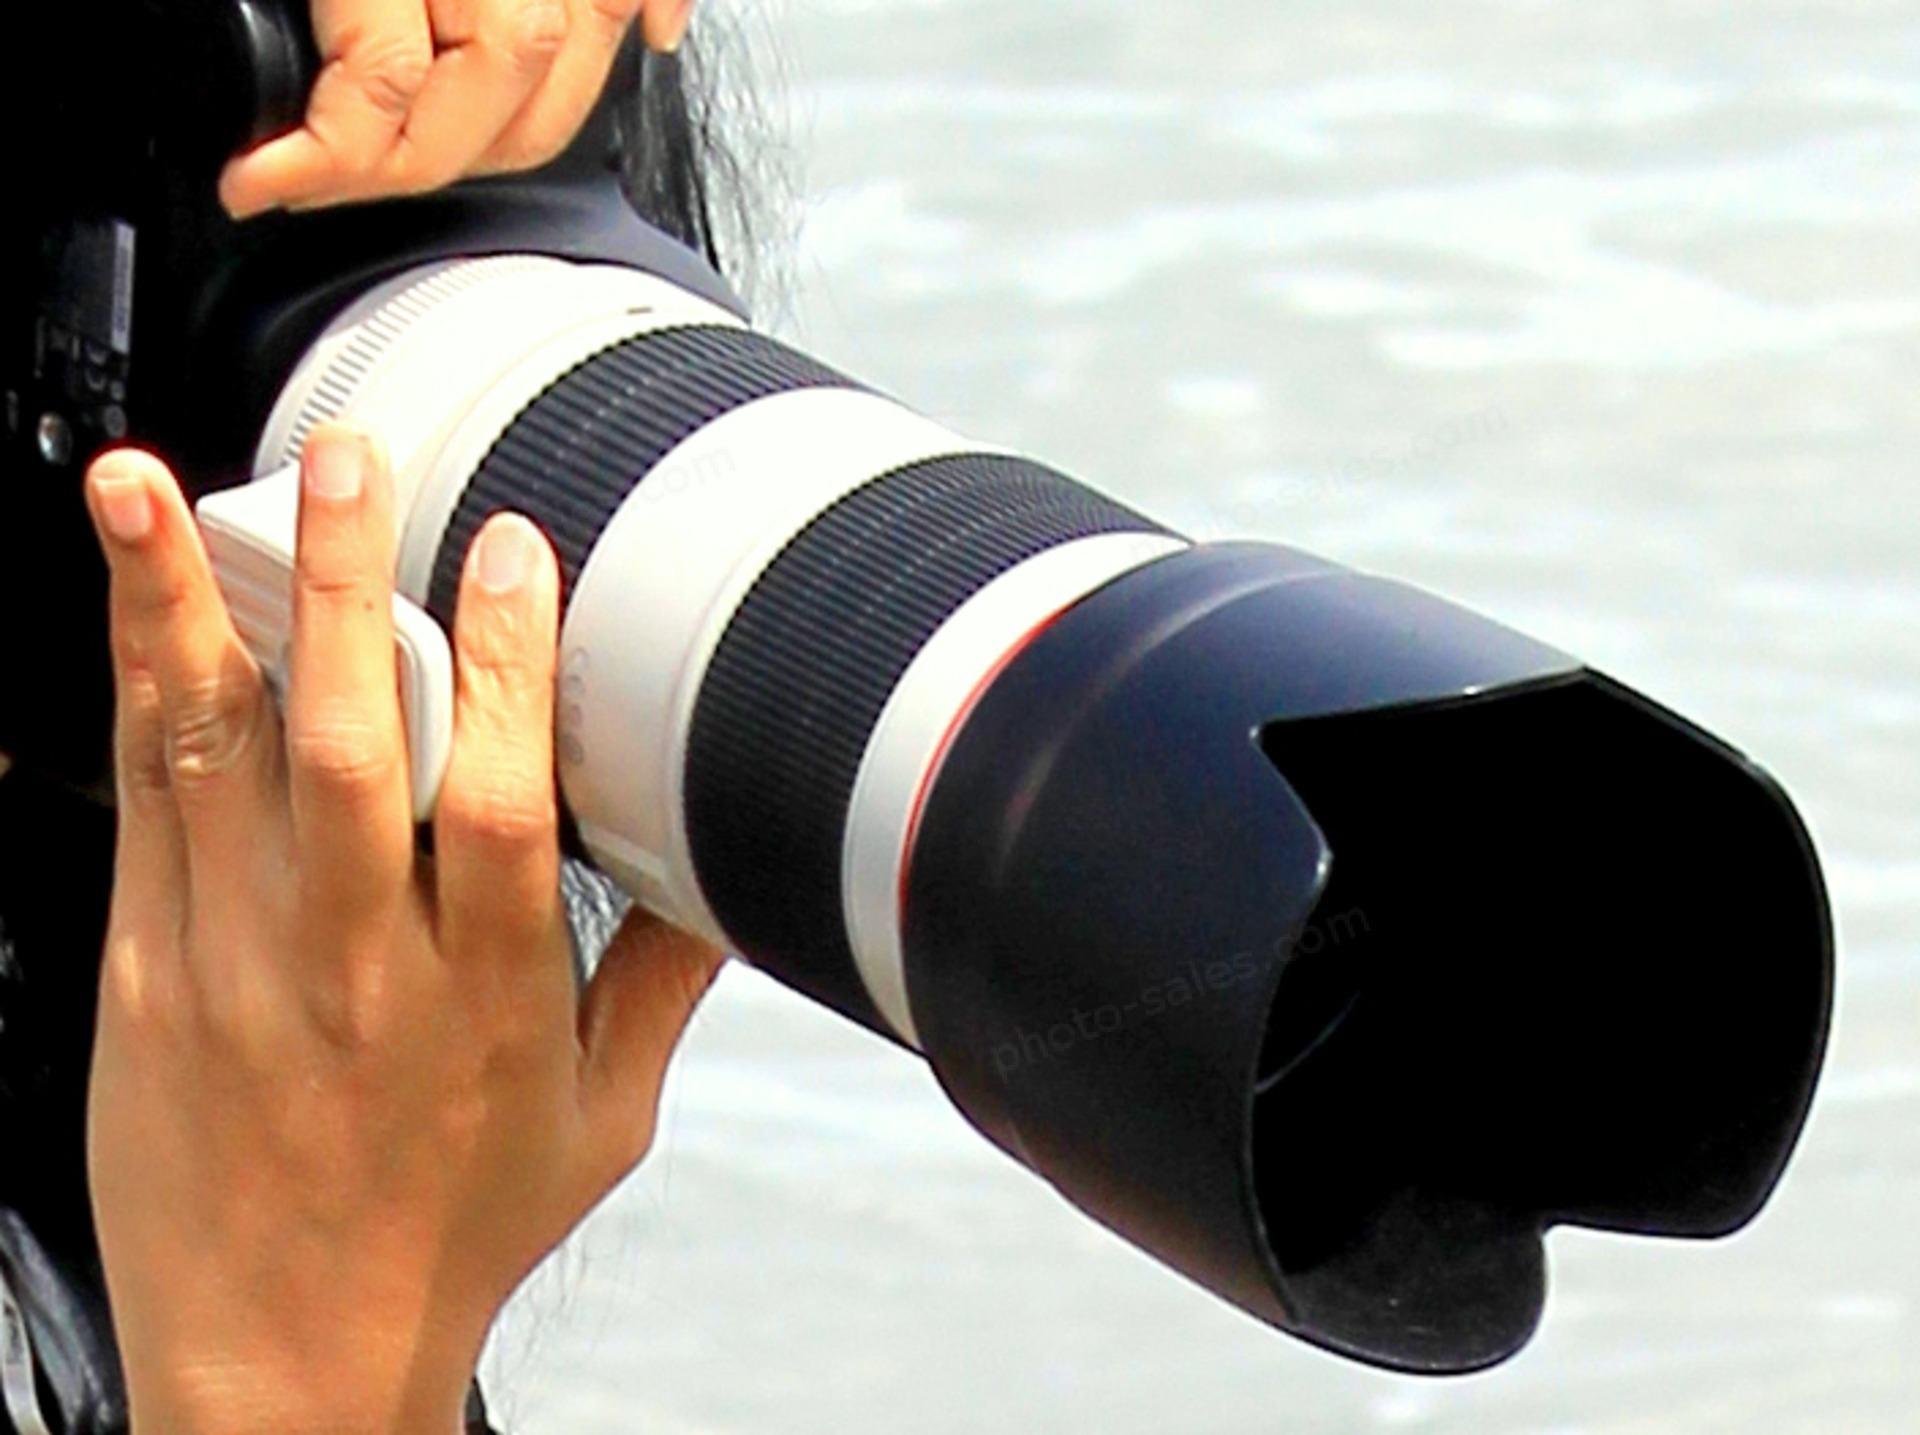 Фото камера с голям обектив в ръце